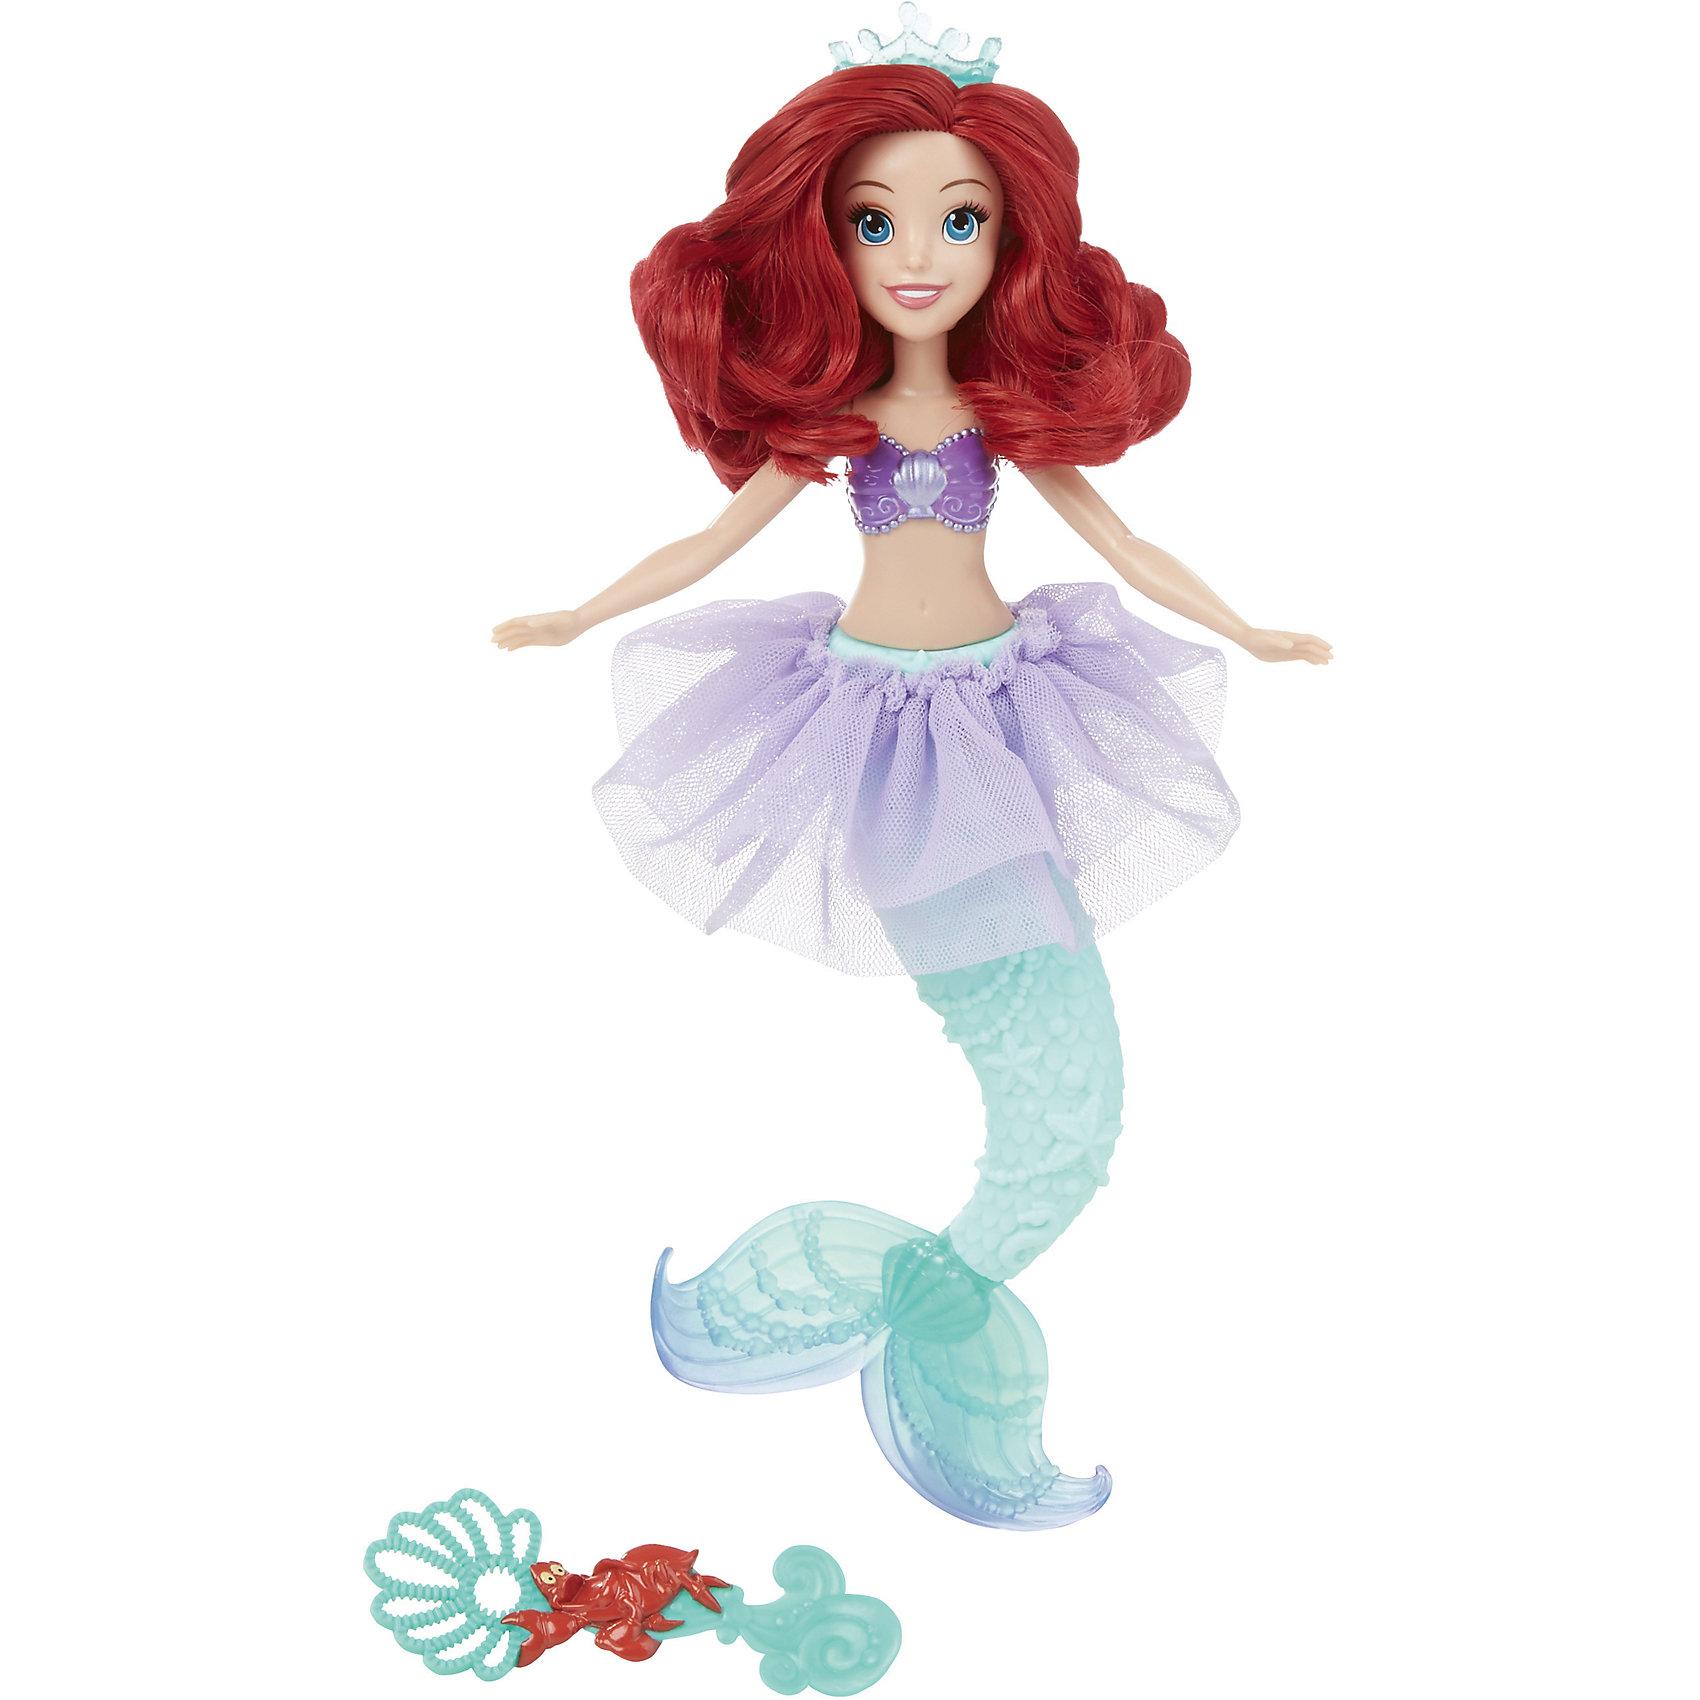 Куклы Принцесса Ариель для игры с водой, Принцессы Дисней, B5302/B5303Игрушки<br>Куклы Принцессы Ариель для игры с водой, Принцессы Дисней, B5302/B5303.<br><br>Характеристики:<br><br>- В наборе: кукла, ложечка для мыльных пузырей<br>- Раствор для выдувания пузырей не входит в комплект<br>- Материал: высококачественный пластик, текстиль<br>- Высота куклы: 28 см.<br>- Размер упаковки: 15,2х6,4х35,6 см.<br><br>Очаровательная кукла в виде Ариэль, героини мультфильма Русалочка, от торговой марки Hasbro (Хасбро) станет любимой игрушкой вашей маленькой принцессы. Кукла имеет высокую степень детализации, даже самые мелкие детали качественно прорисованы. Ариэль одета в красивый сиреневый купальник и юбку-пачку. На голове у Ариэль надета тиара, как и полагается настоящей принцессе. Однако она не только выполняет декоративную функцию, но и является уникальным игровым аксессуаром - из нее можно пускать самые настоящие мыльные пузыри! Для этого нужно залить мыльный раствор в отверстие в спине куклы, которое закрывается герметичной крышкой, а затем надавить на хвост русалки. Кроме того, с помощью аксессуара, входящего в комплект, можно пускать мыльные пузыри обычным способом. Руки, ноги и голова куклы подвижны, а ее роскошные, длинные волосы можно расчесывать и укладывать в различные прически. Кукла изготовлена из прочного пластика, а ее одежда пошита из высококачественного текстиля.<br><br>Куклу Принцессы Ариель для игры с водой, Принцессы Дисней, B5302/B5303 можно купить в нашем интернет-магазине.<br><br>Ширина мм: 64<br>Глубина мм: 152<br>Высота мм: 1700<br>Вес г: 183<br>Возраст от месяцев: 36<br>Возраст до месяцев: 144<br>Пол: Женский<br>Возраст: Детский<br>SKU: 5064699